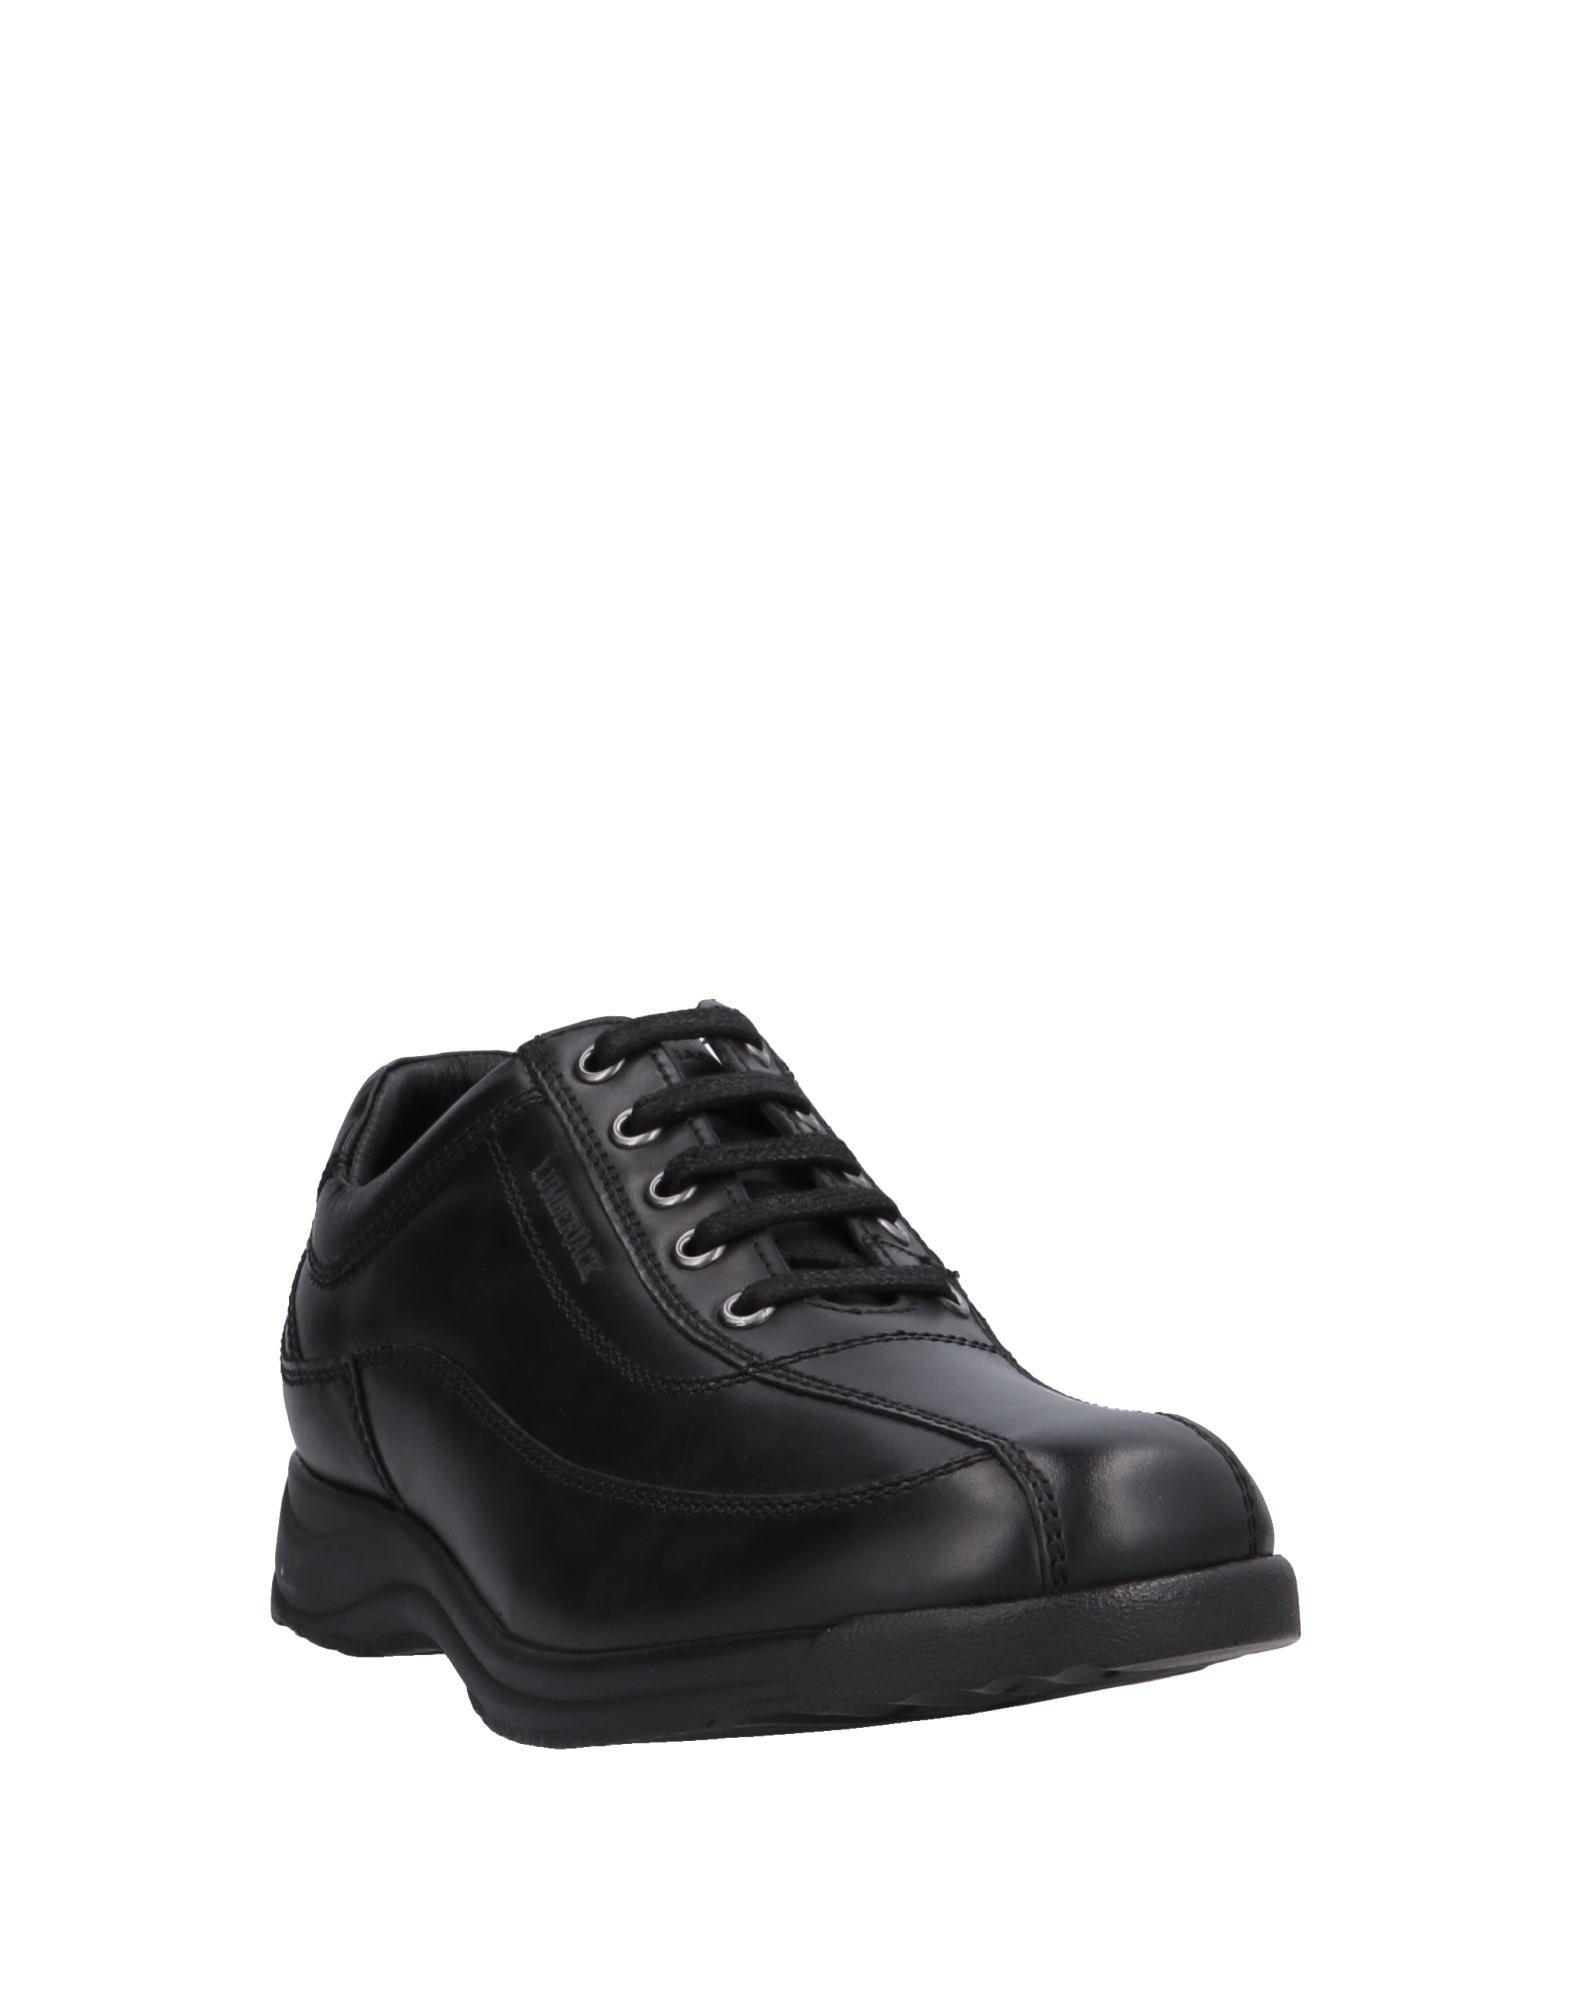 Rabatt echte  Schuhe Lumberjack Sneakers Herren  echte 11558666WI 78420d